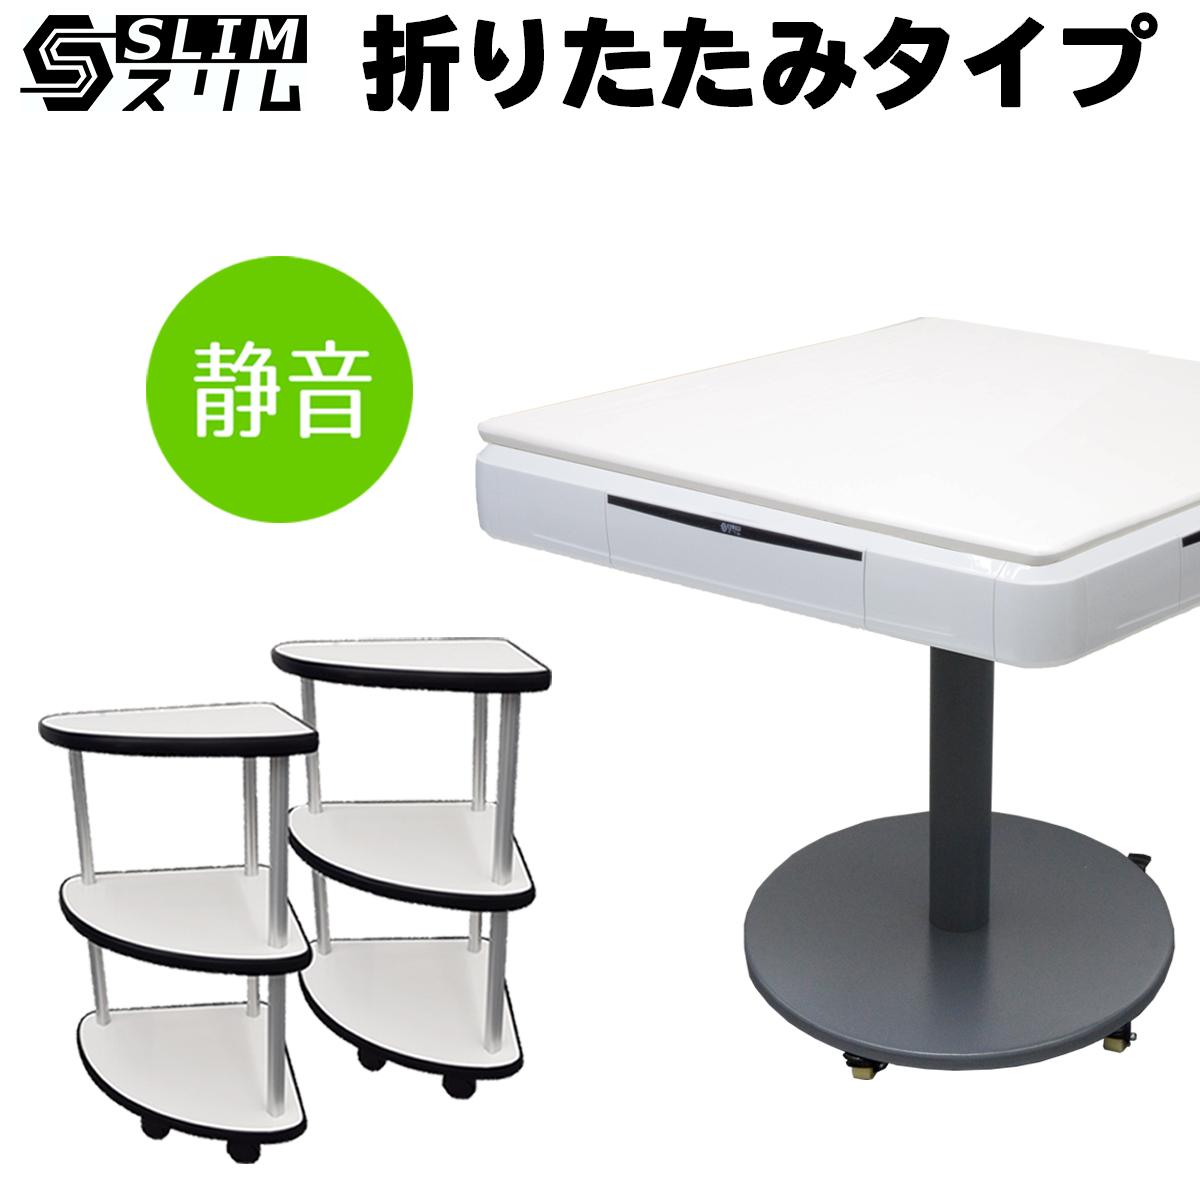 全自動麻雀卓 スリム 折りたたみ サイドテーブル2本+天板セット 【静音 軽量】